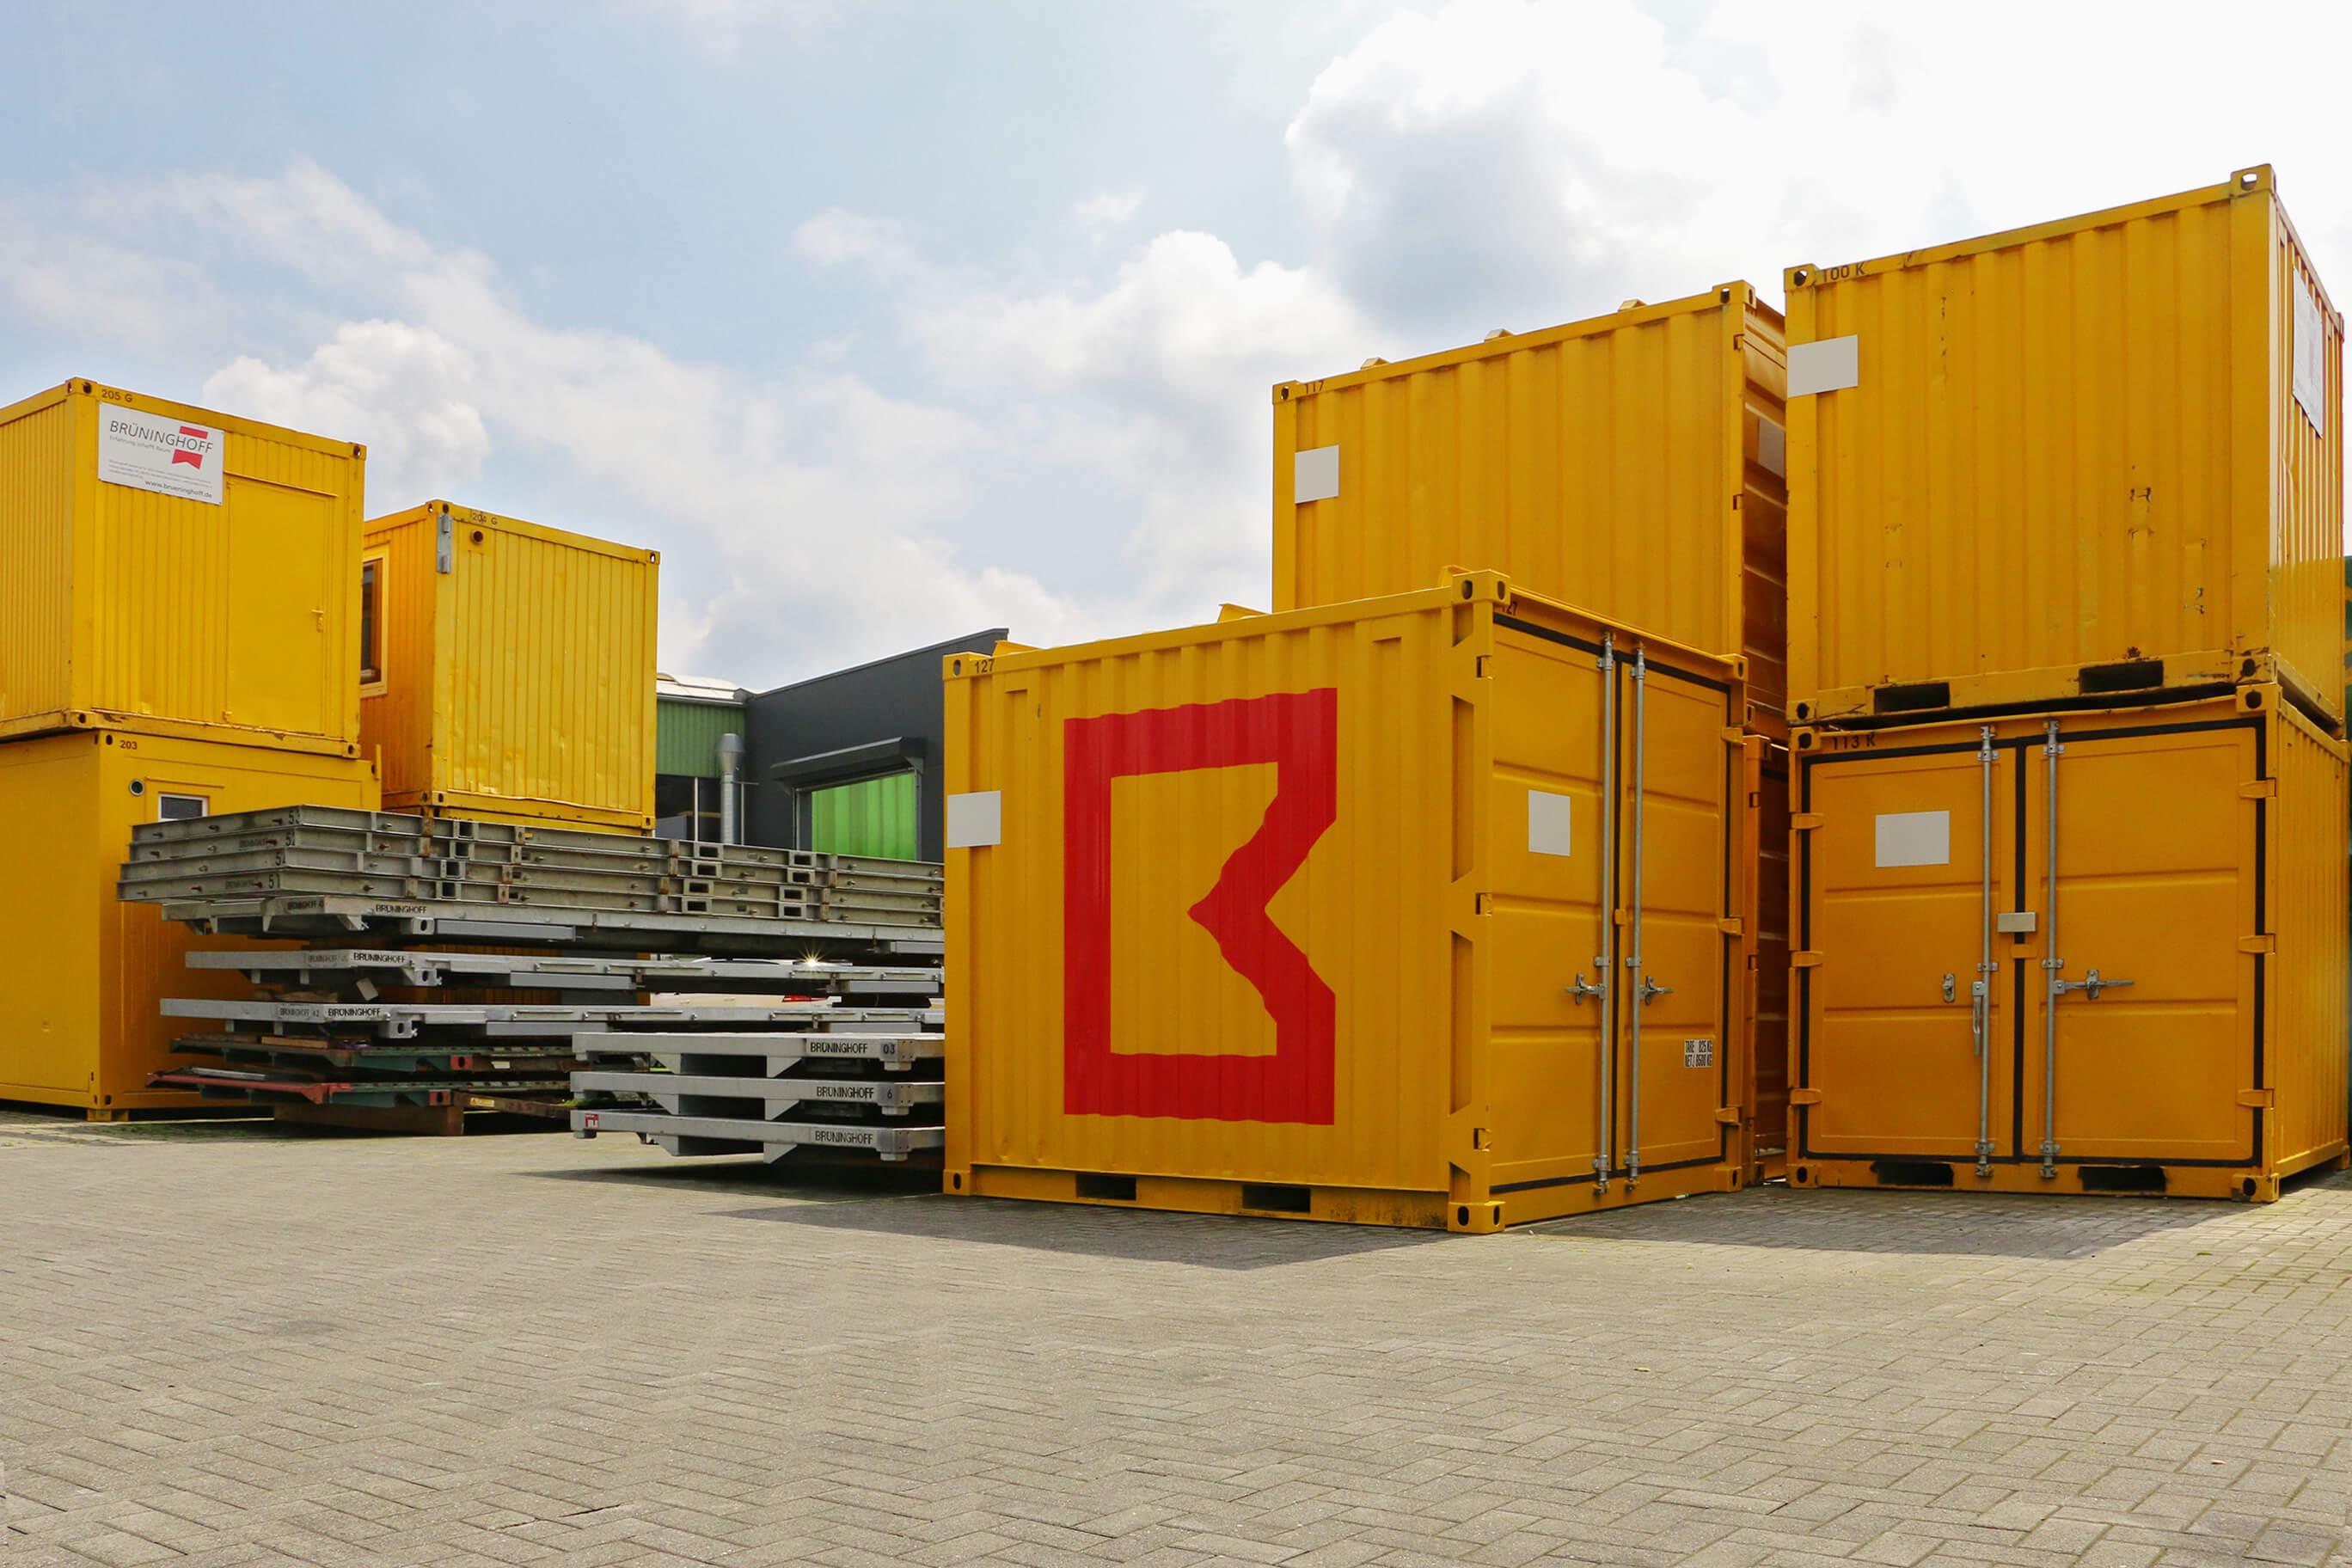 Container mit der neuen Bildmarke, Baustellenbeschriftung